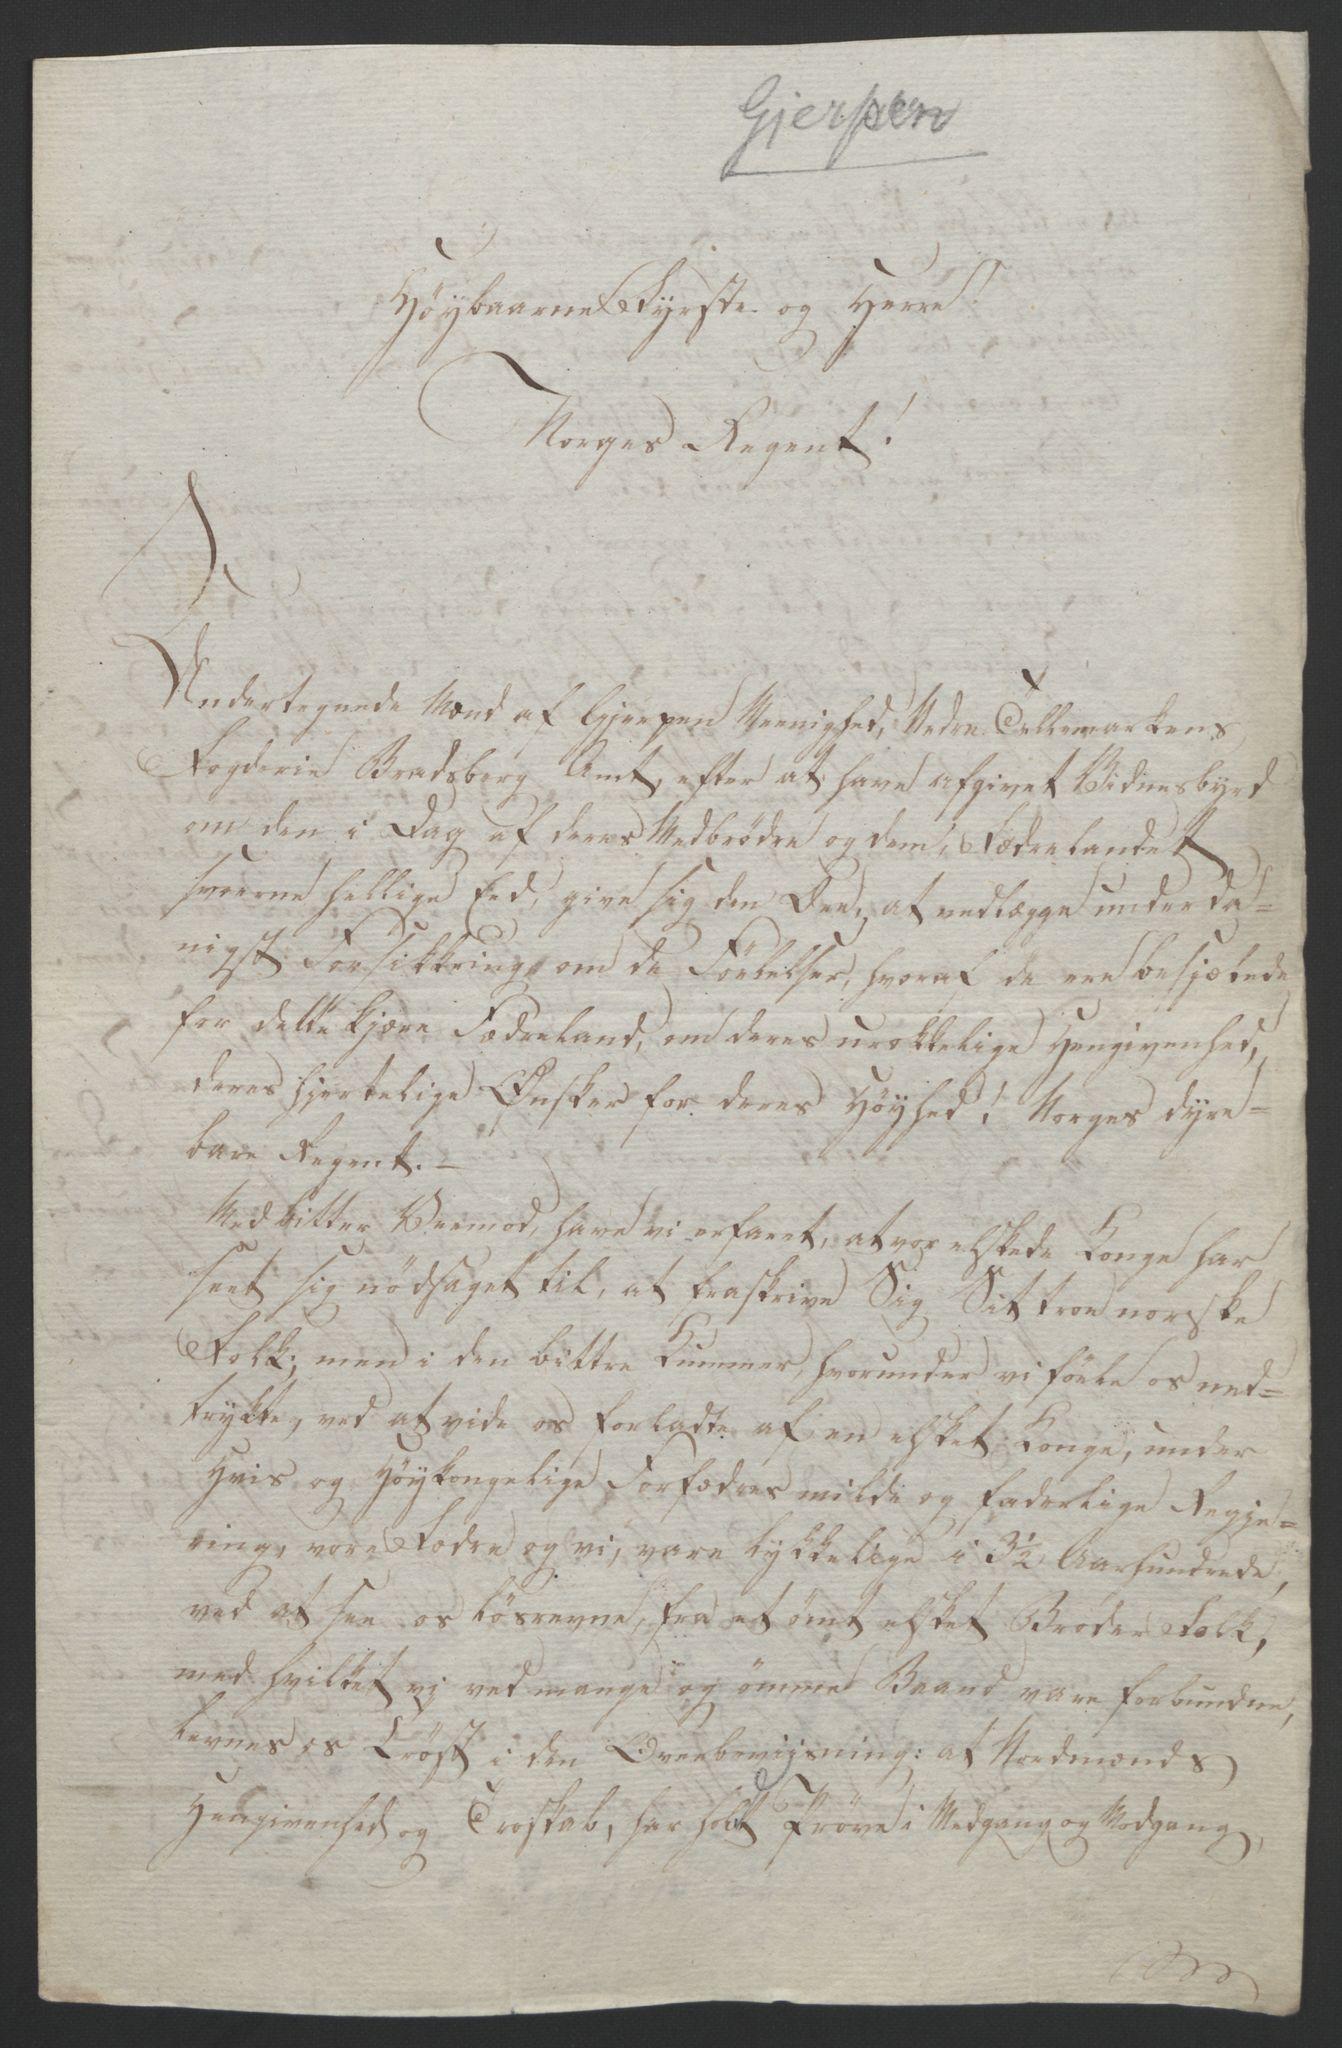 RA, Statsrådssekretariatet, D/Db/L0008: Fullmakter for Eidsvollsrepresentantene i 1814. , 1814, s. 46